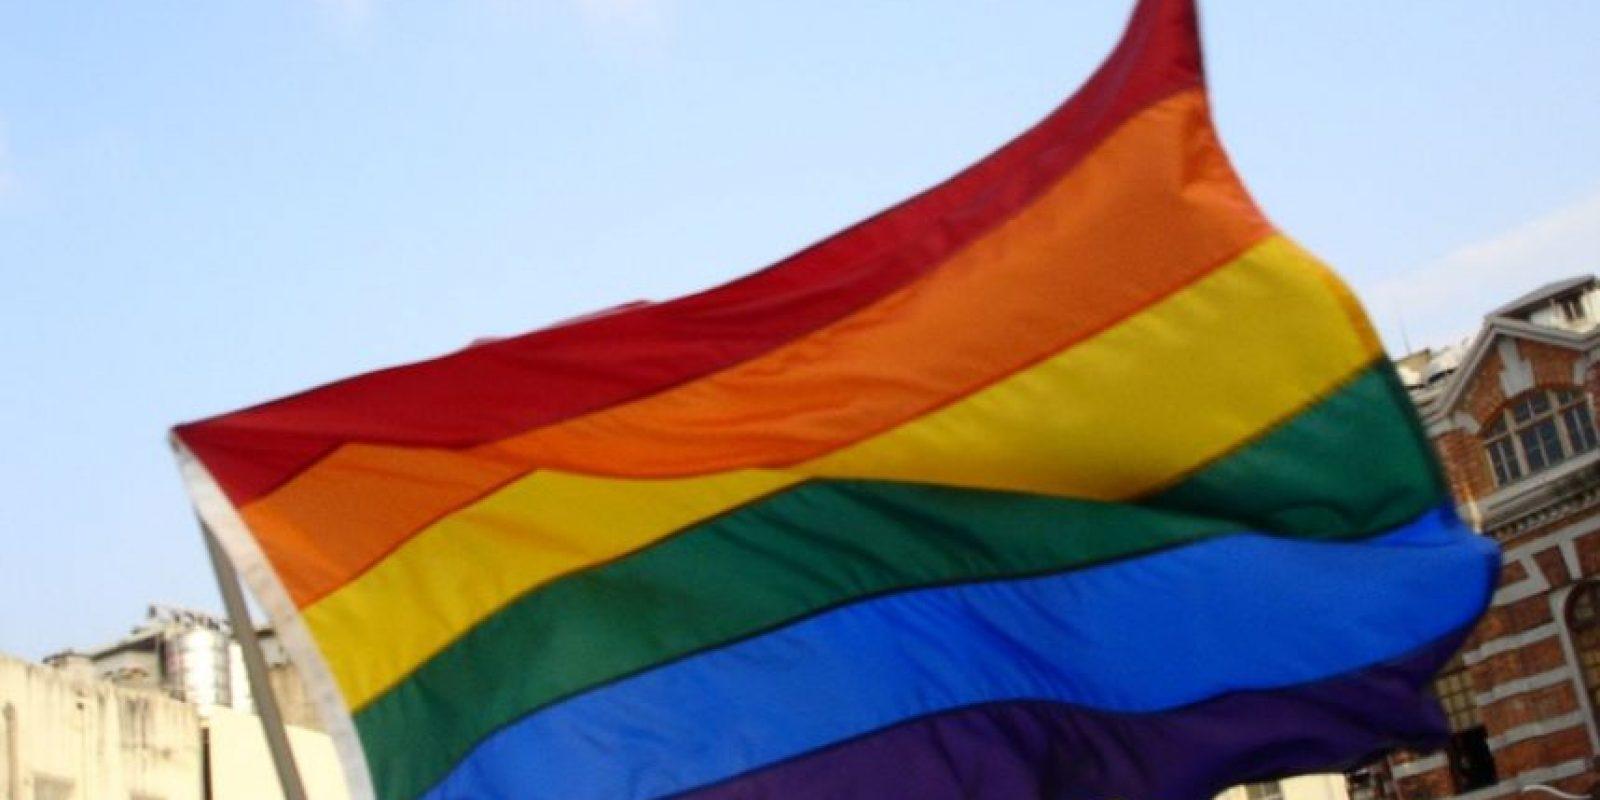 Los investigadores también examinaron datos del Proyecto de Aceptación Familiar, una iniciativa de intervención, investigación, educación y legislación de la universidad del Estado de San Francisco diseñada para prevenir riesgos y promover el bienestar de los niños y adolescentes LGBT. Foto:Wikimedia